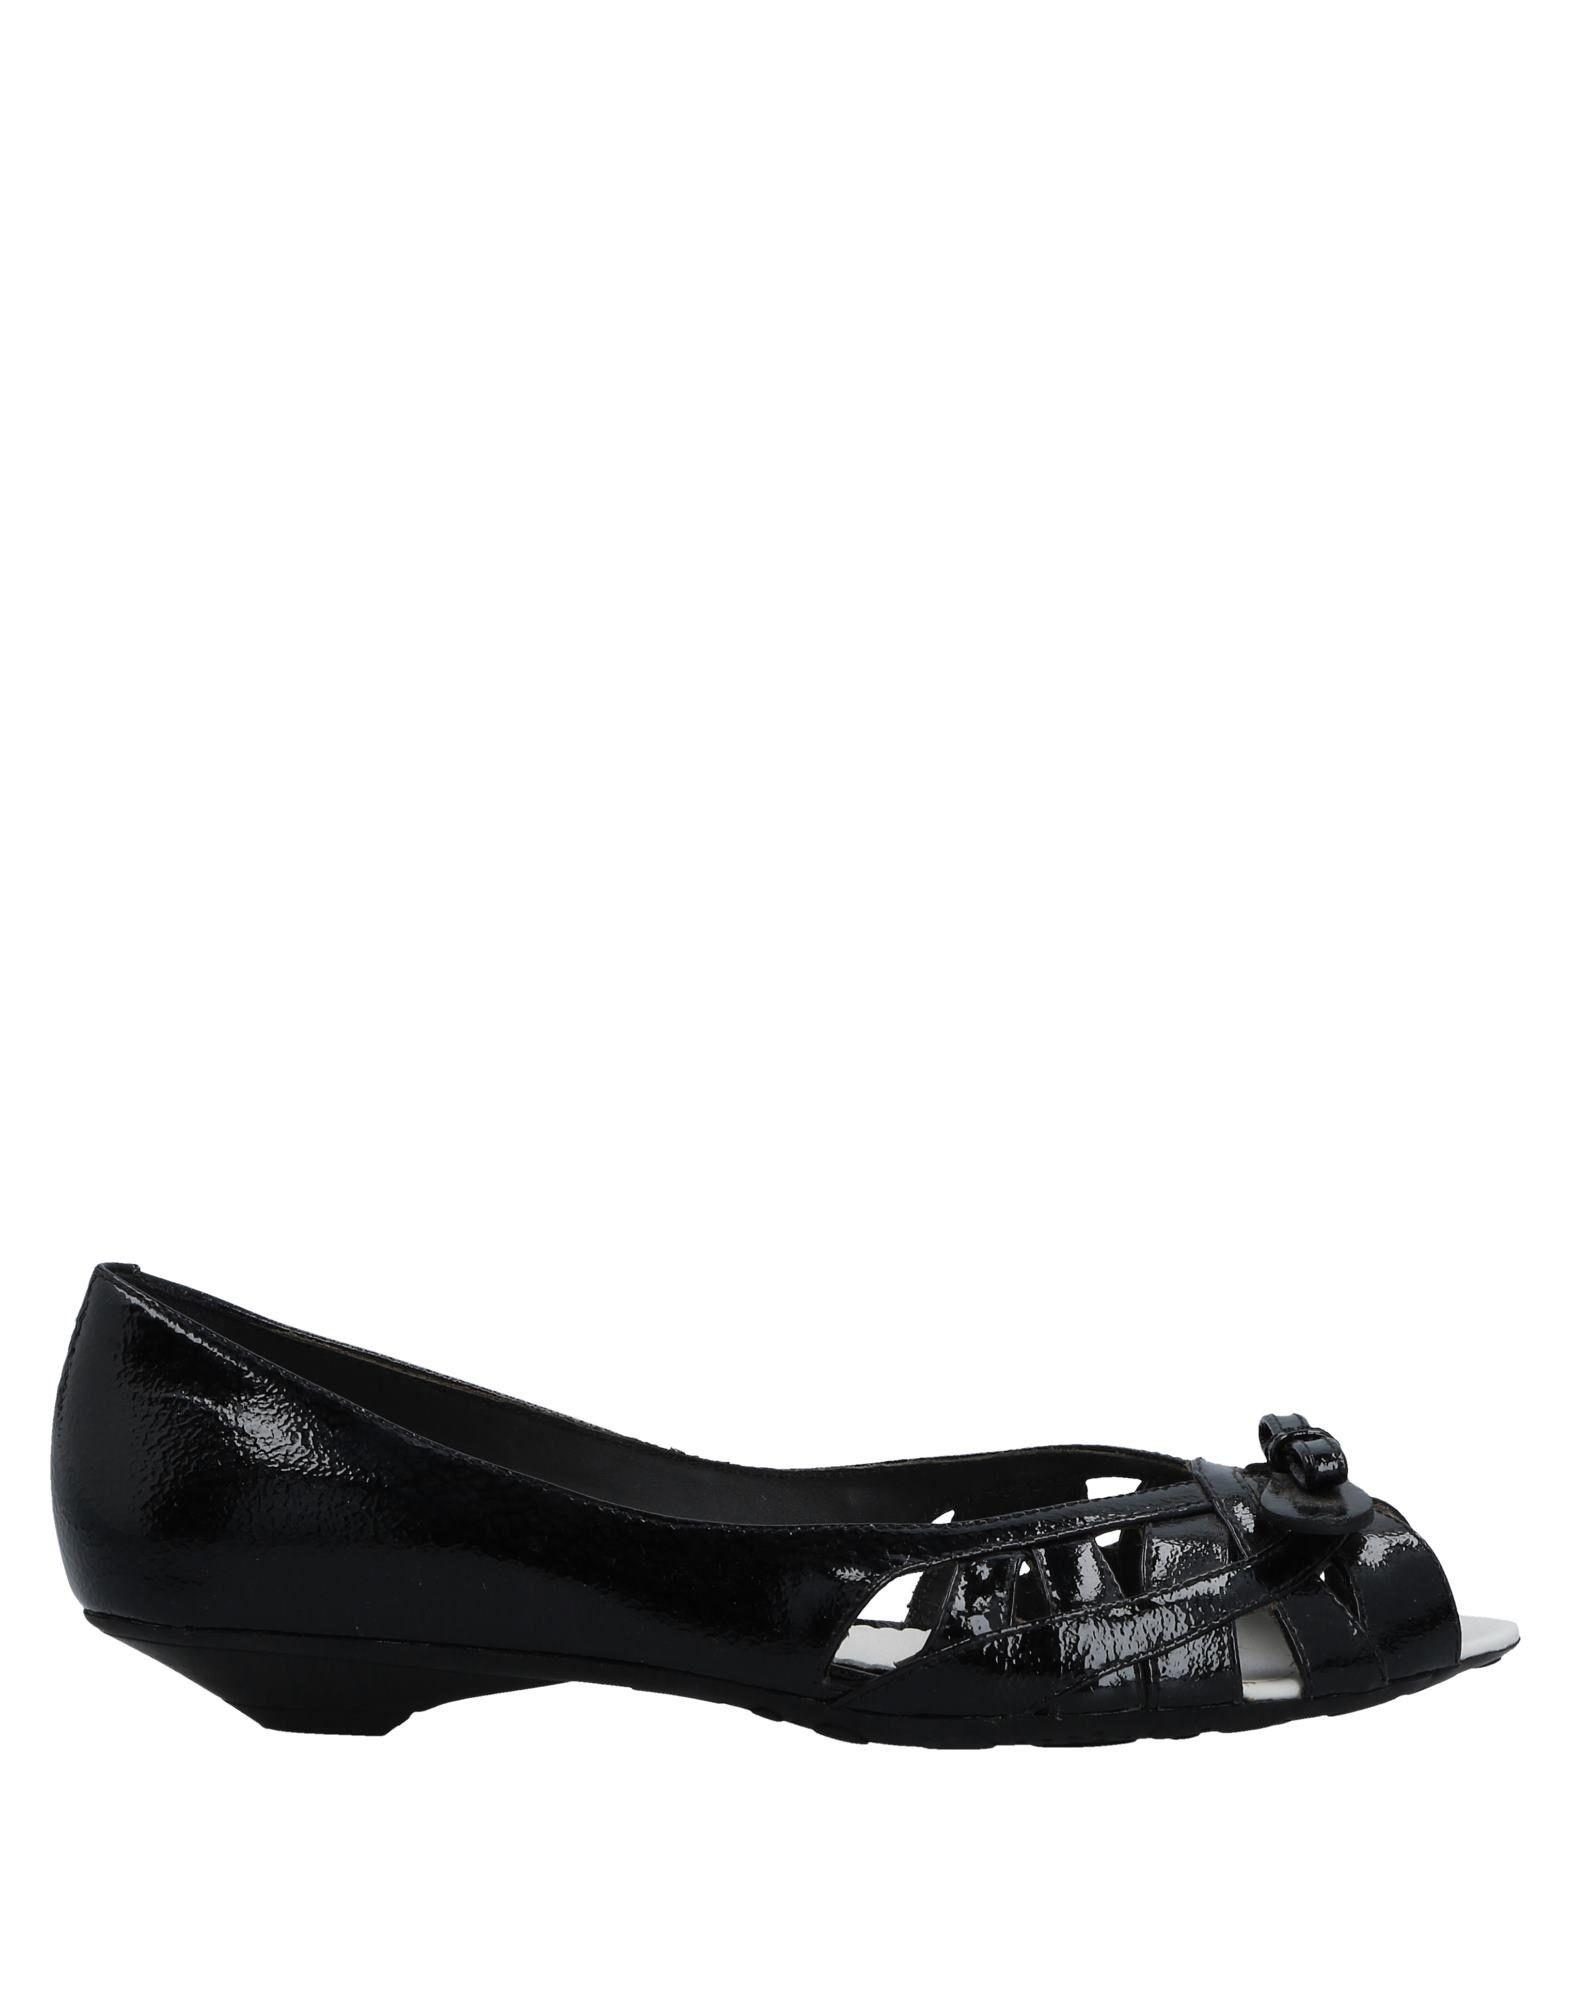 Geox Geox Ballet Flats - Women Geox Geox Ballet Flats online on  Australia - 11530129PN 90e244